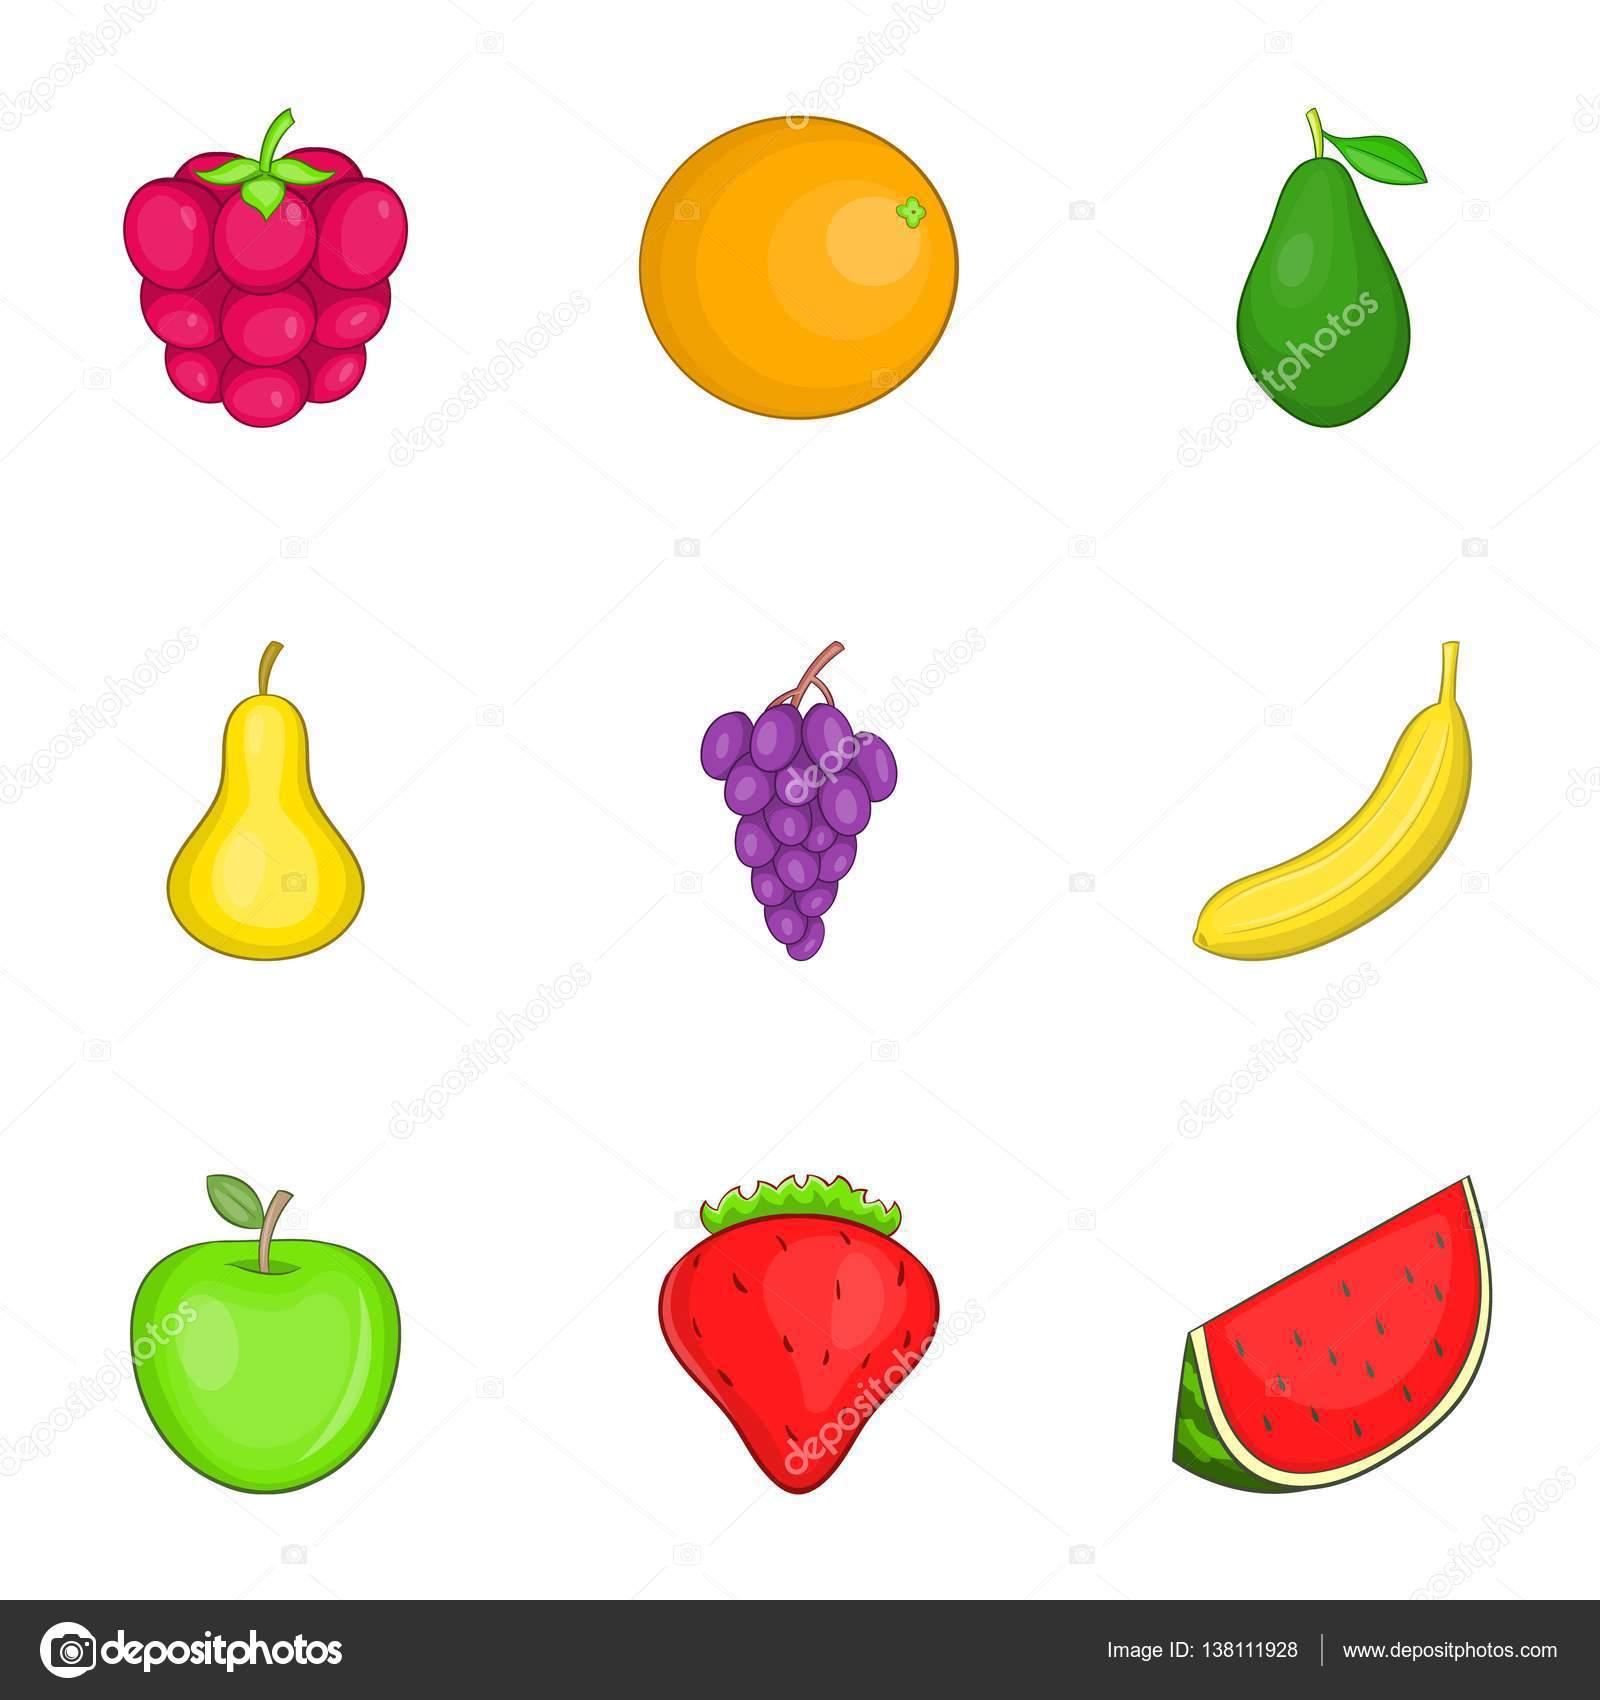 Imagenes Frutas Animadas A Color Conjunto De Iconos De Frutas De